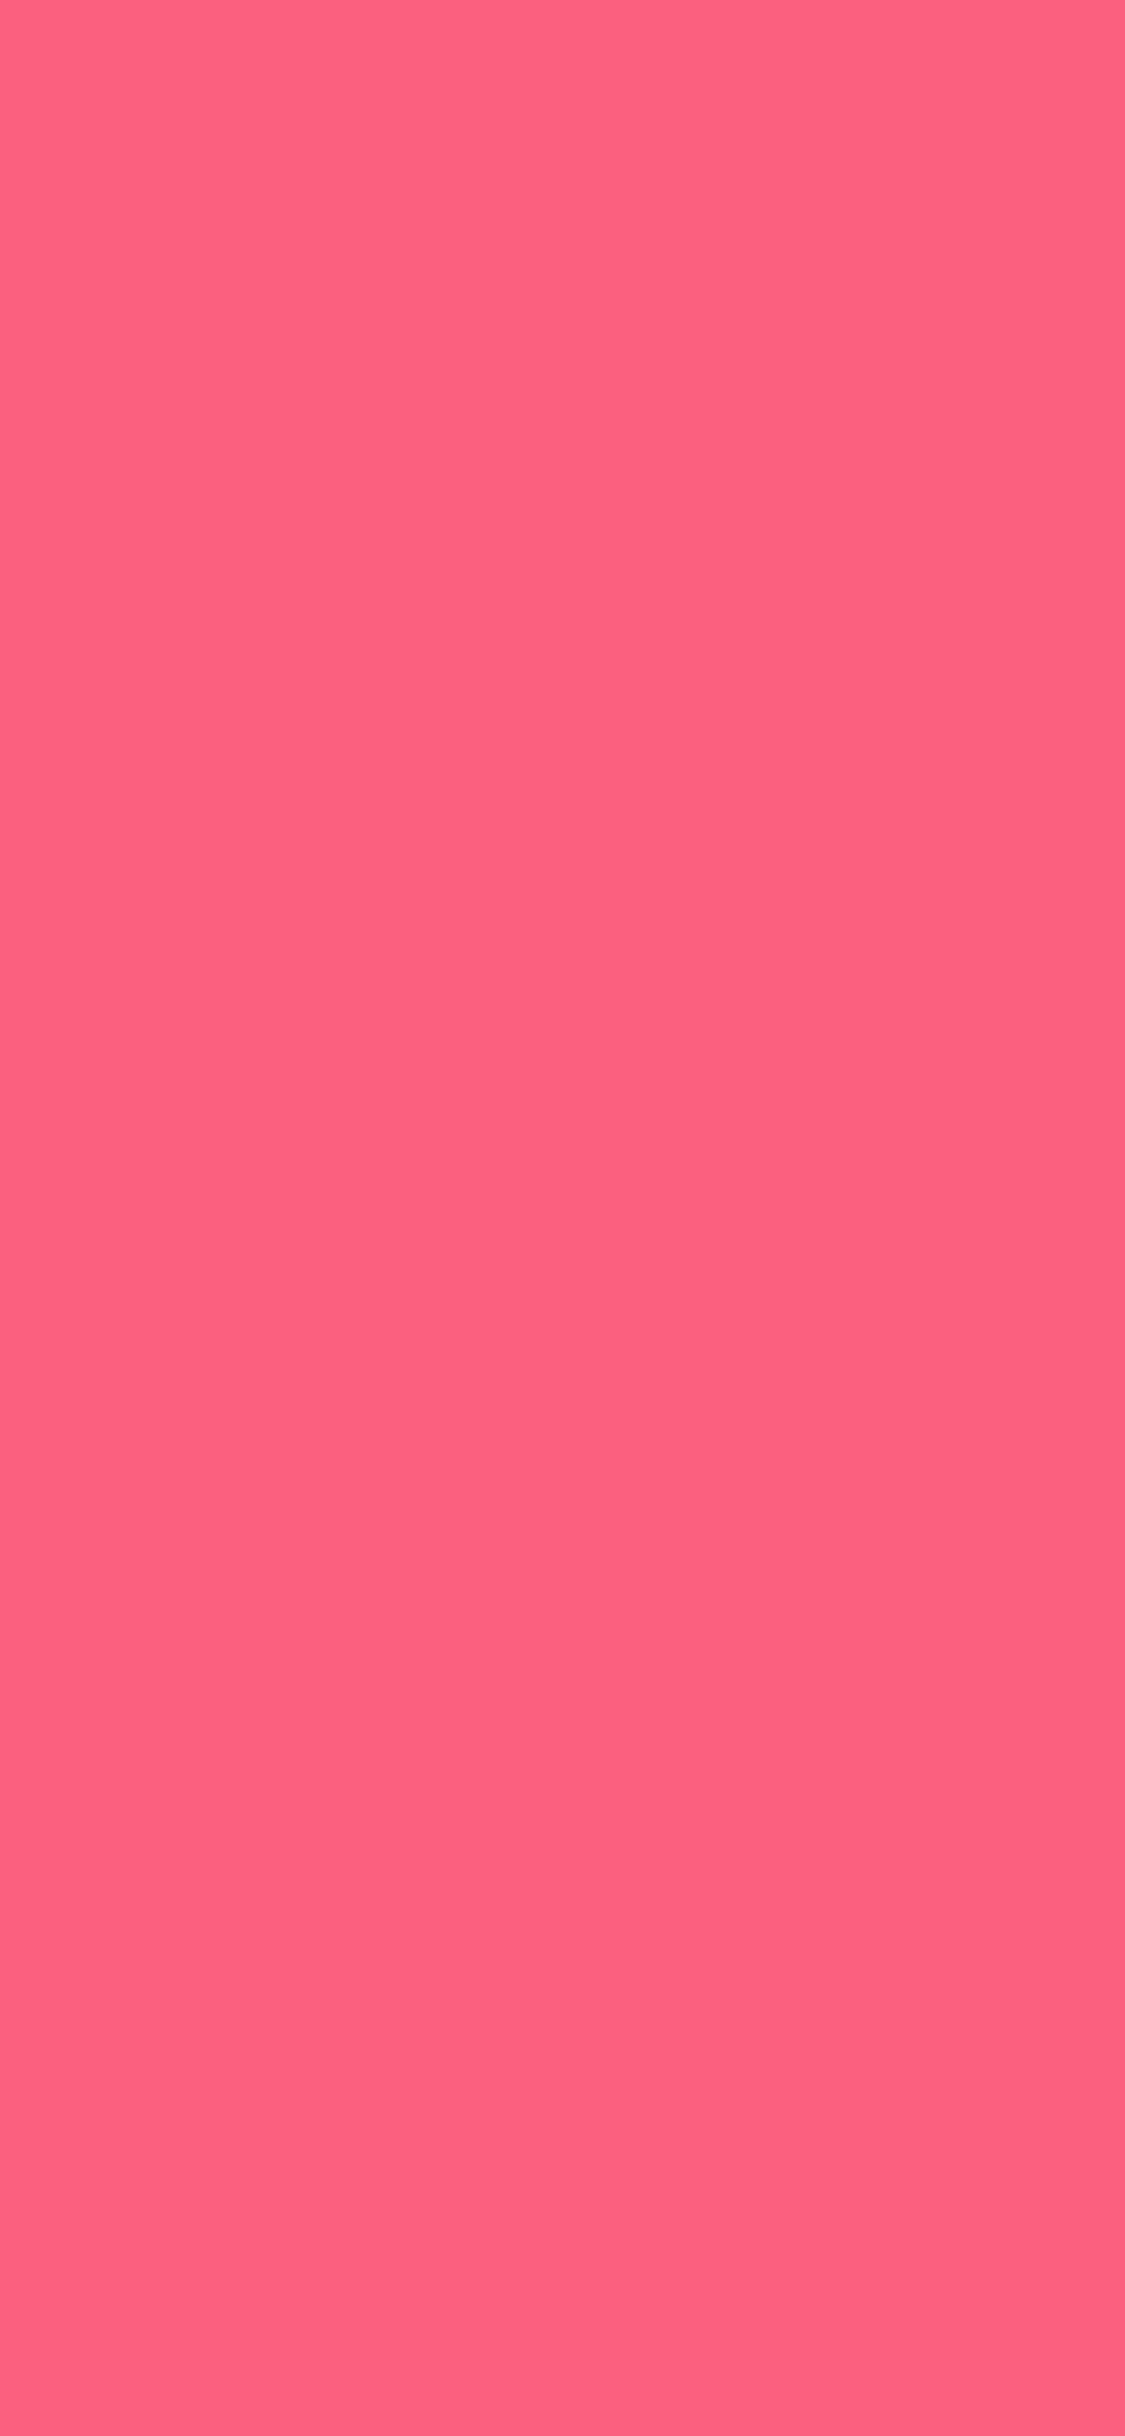 1125x2436 Brink Pink Solid Color Background